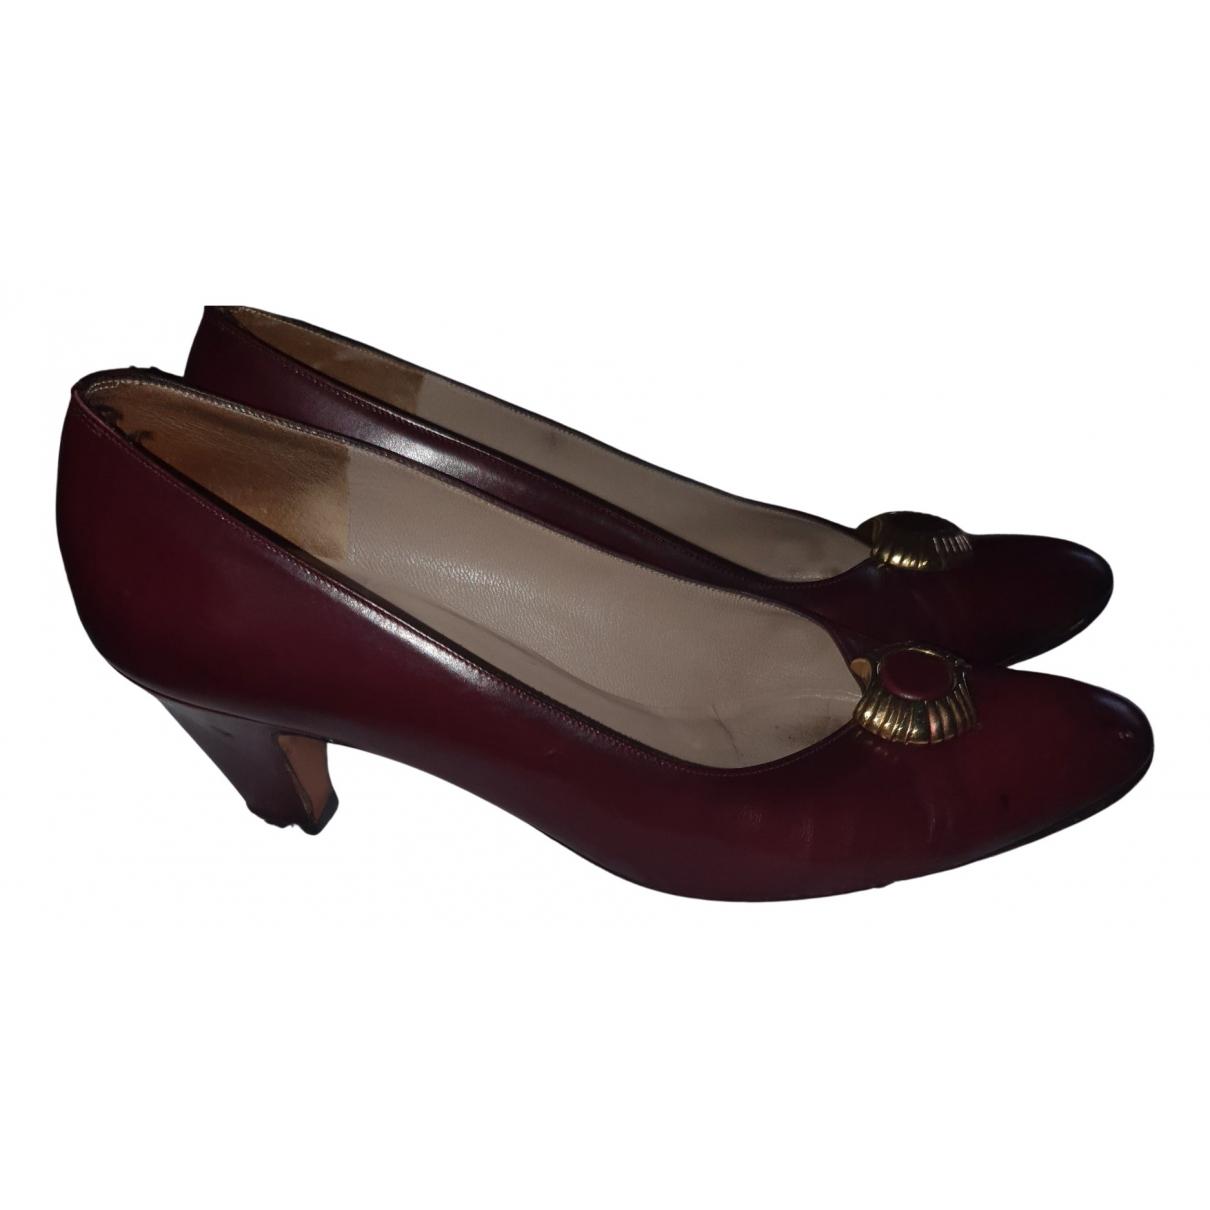 Salvatore Ferragamo N Burgundy Leather Heels for Women 37 EU